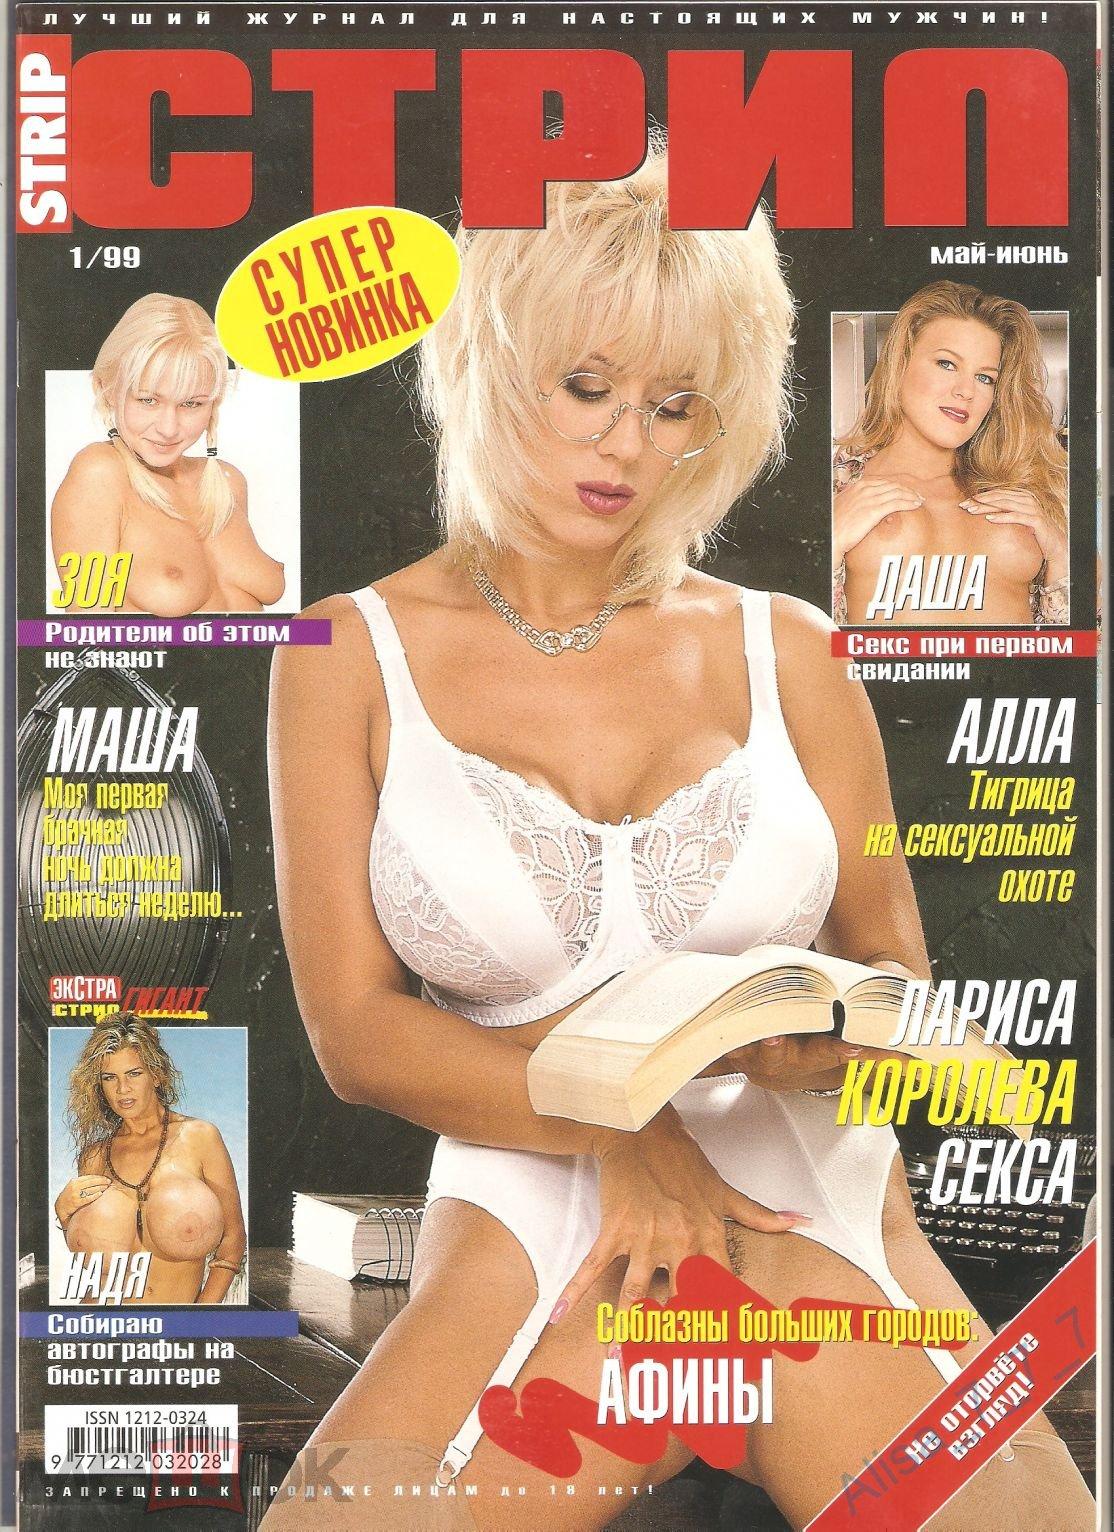 porno-zhurnali-v-internete-onlayn-galerei-vuayeristi-zhenskoe-foto